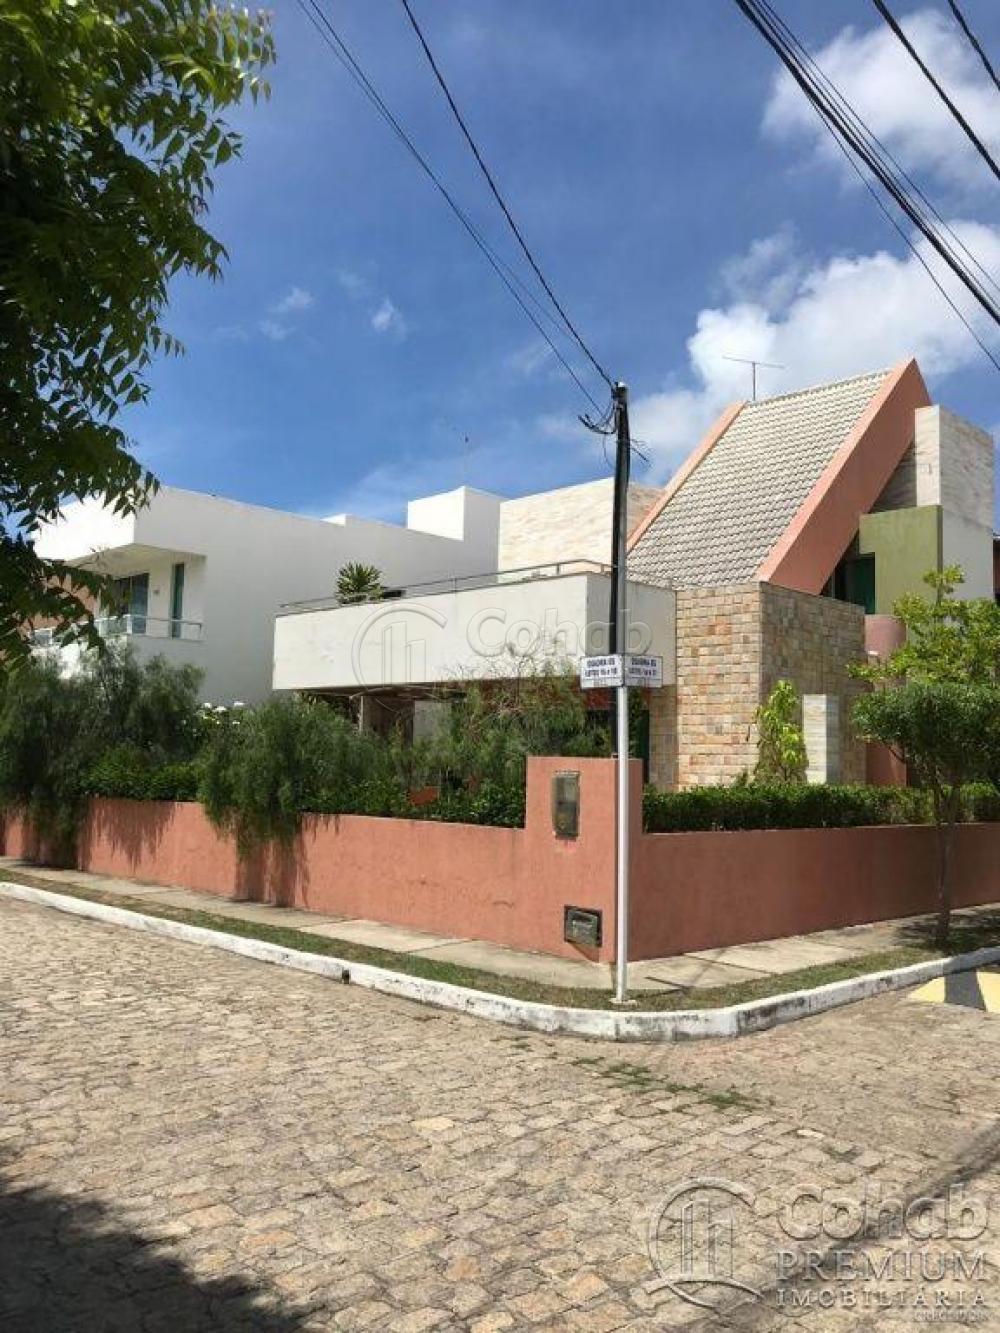 Comprar Casa / Condomínio em Aracaju apenas R$ 1.200.000,00 - Foto 7